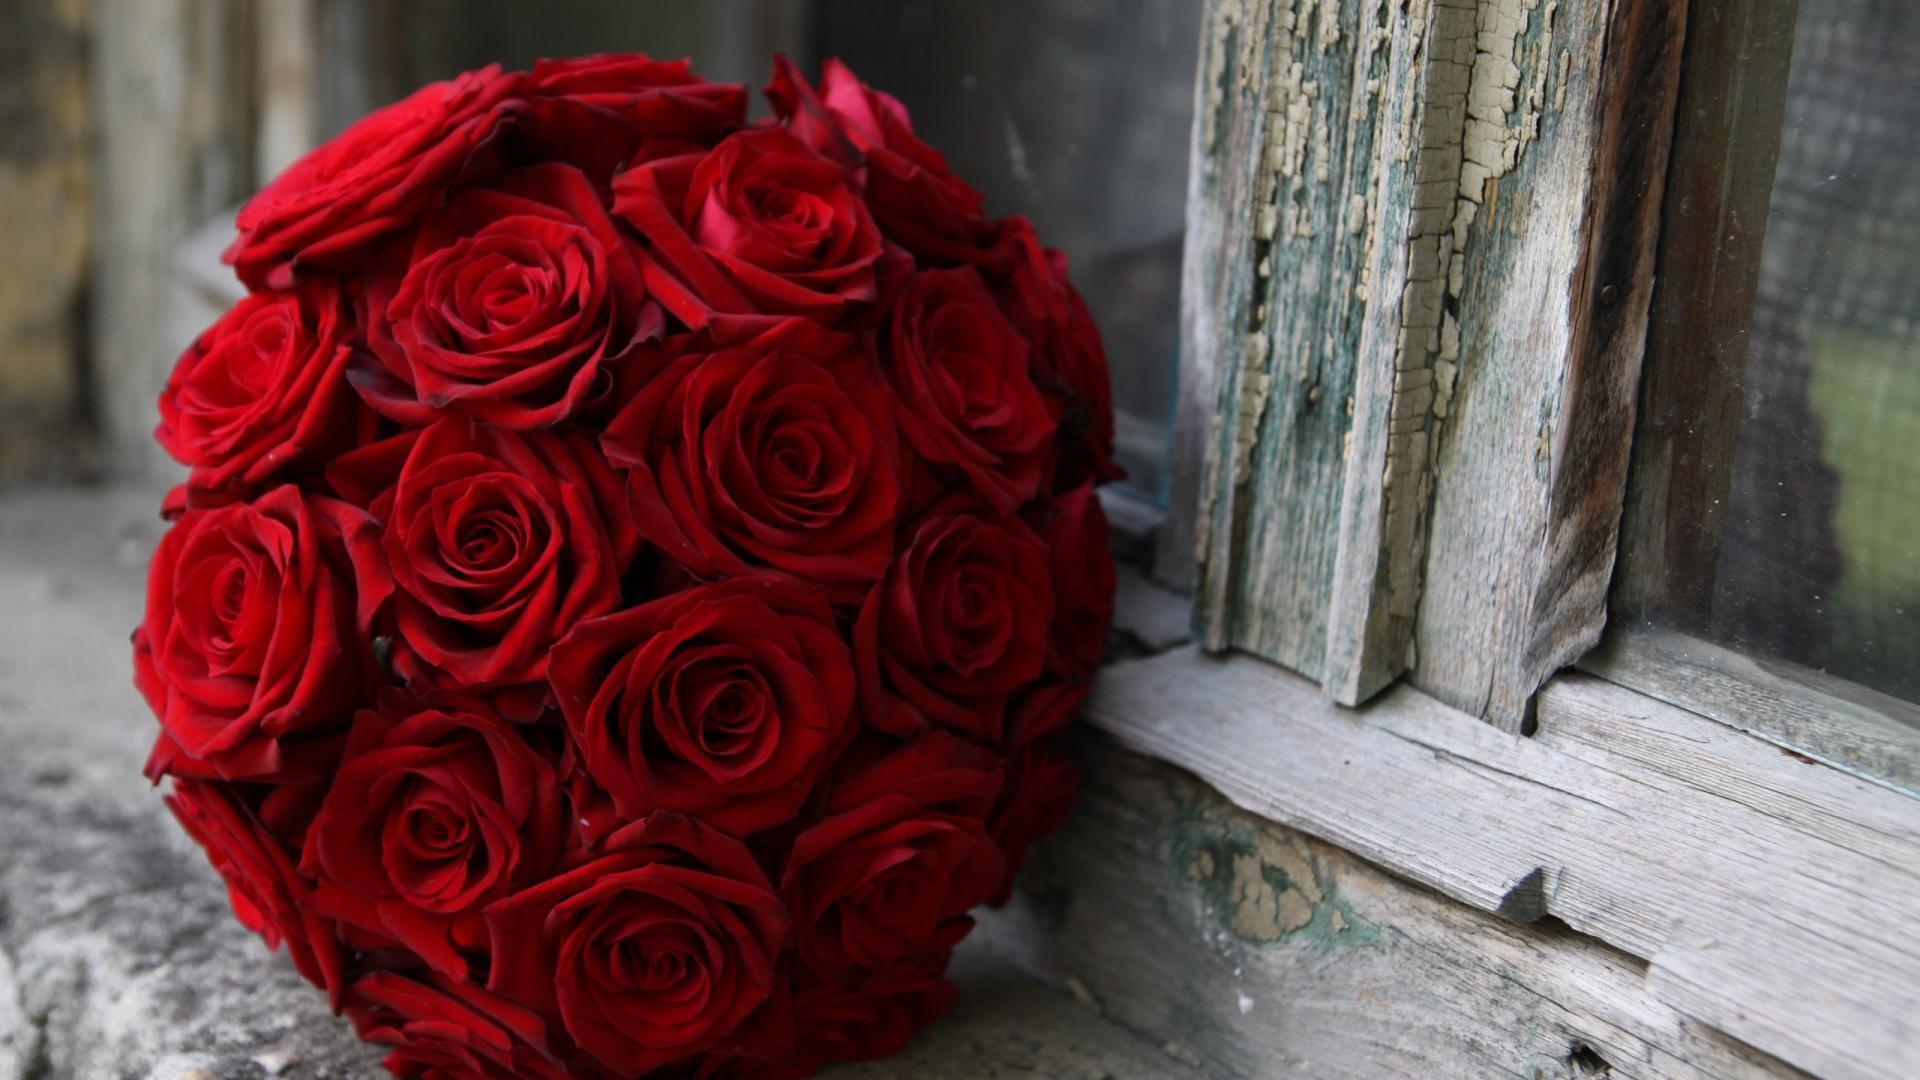 Dark Red Roses Wallpaper 59 Images